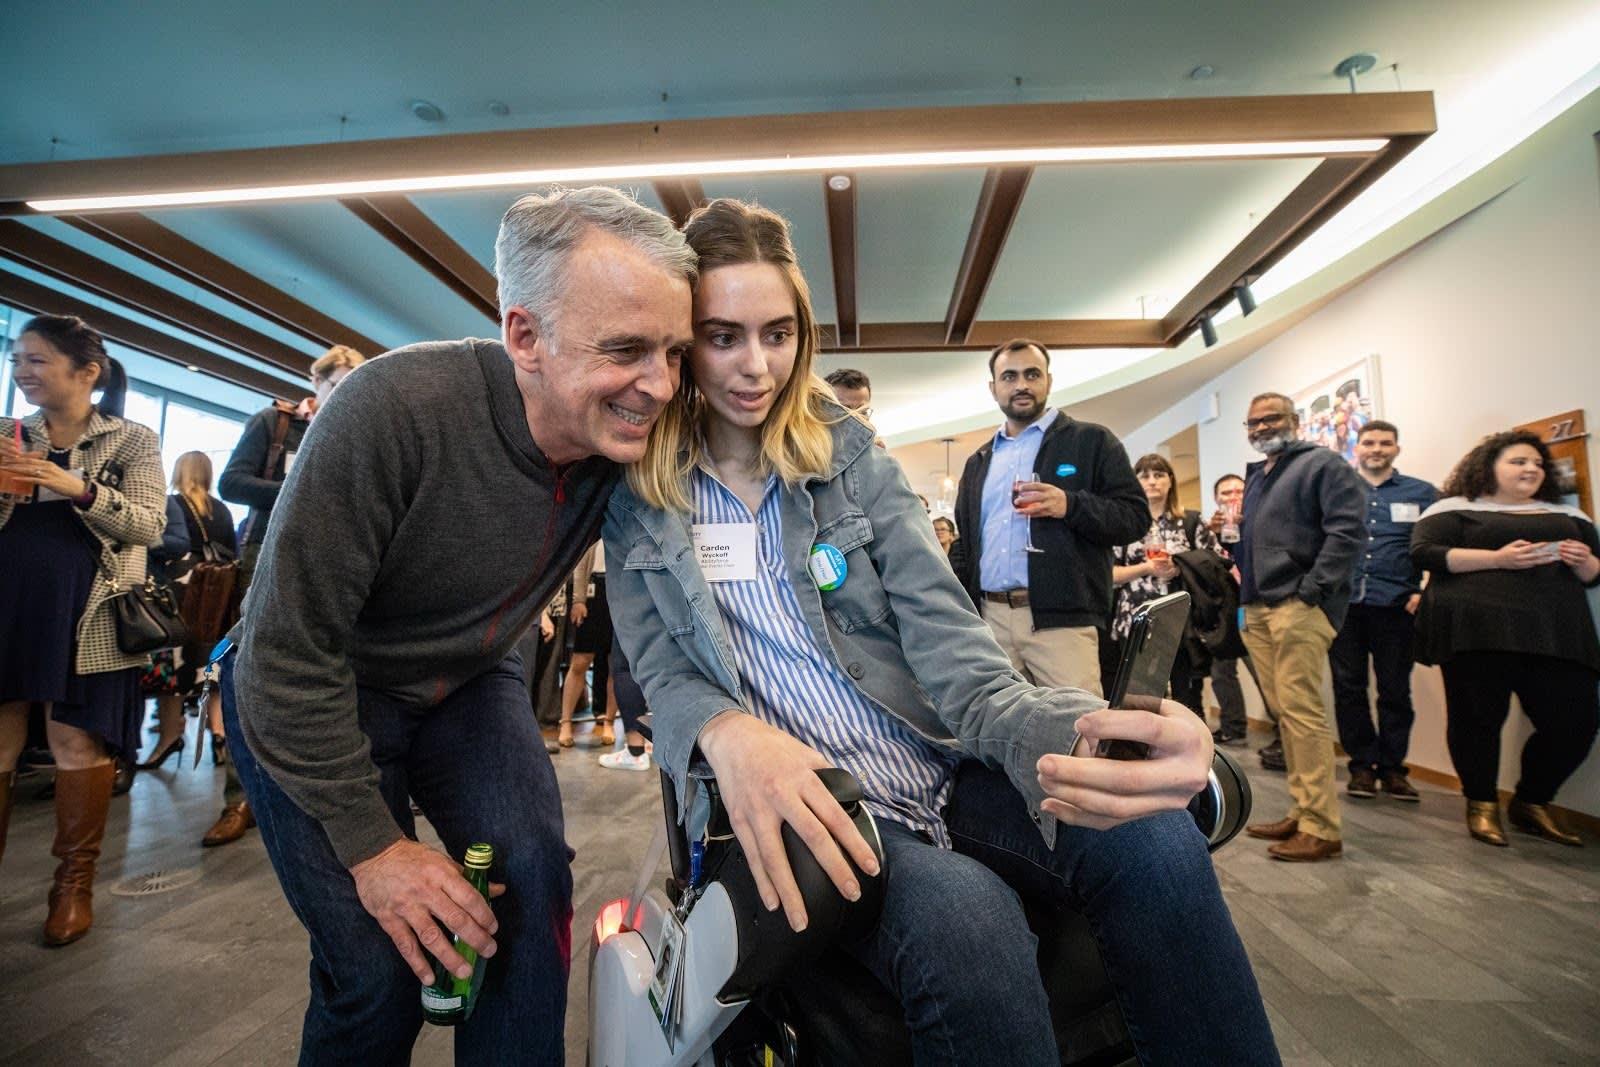 Parker Harris y Carden Wyckoff, que va en silla de ruedas, posan para un fotografía en la Cumbre Ohana de 2018.